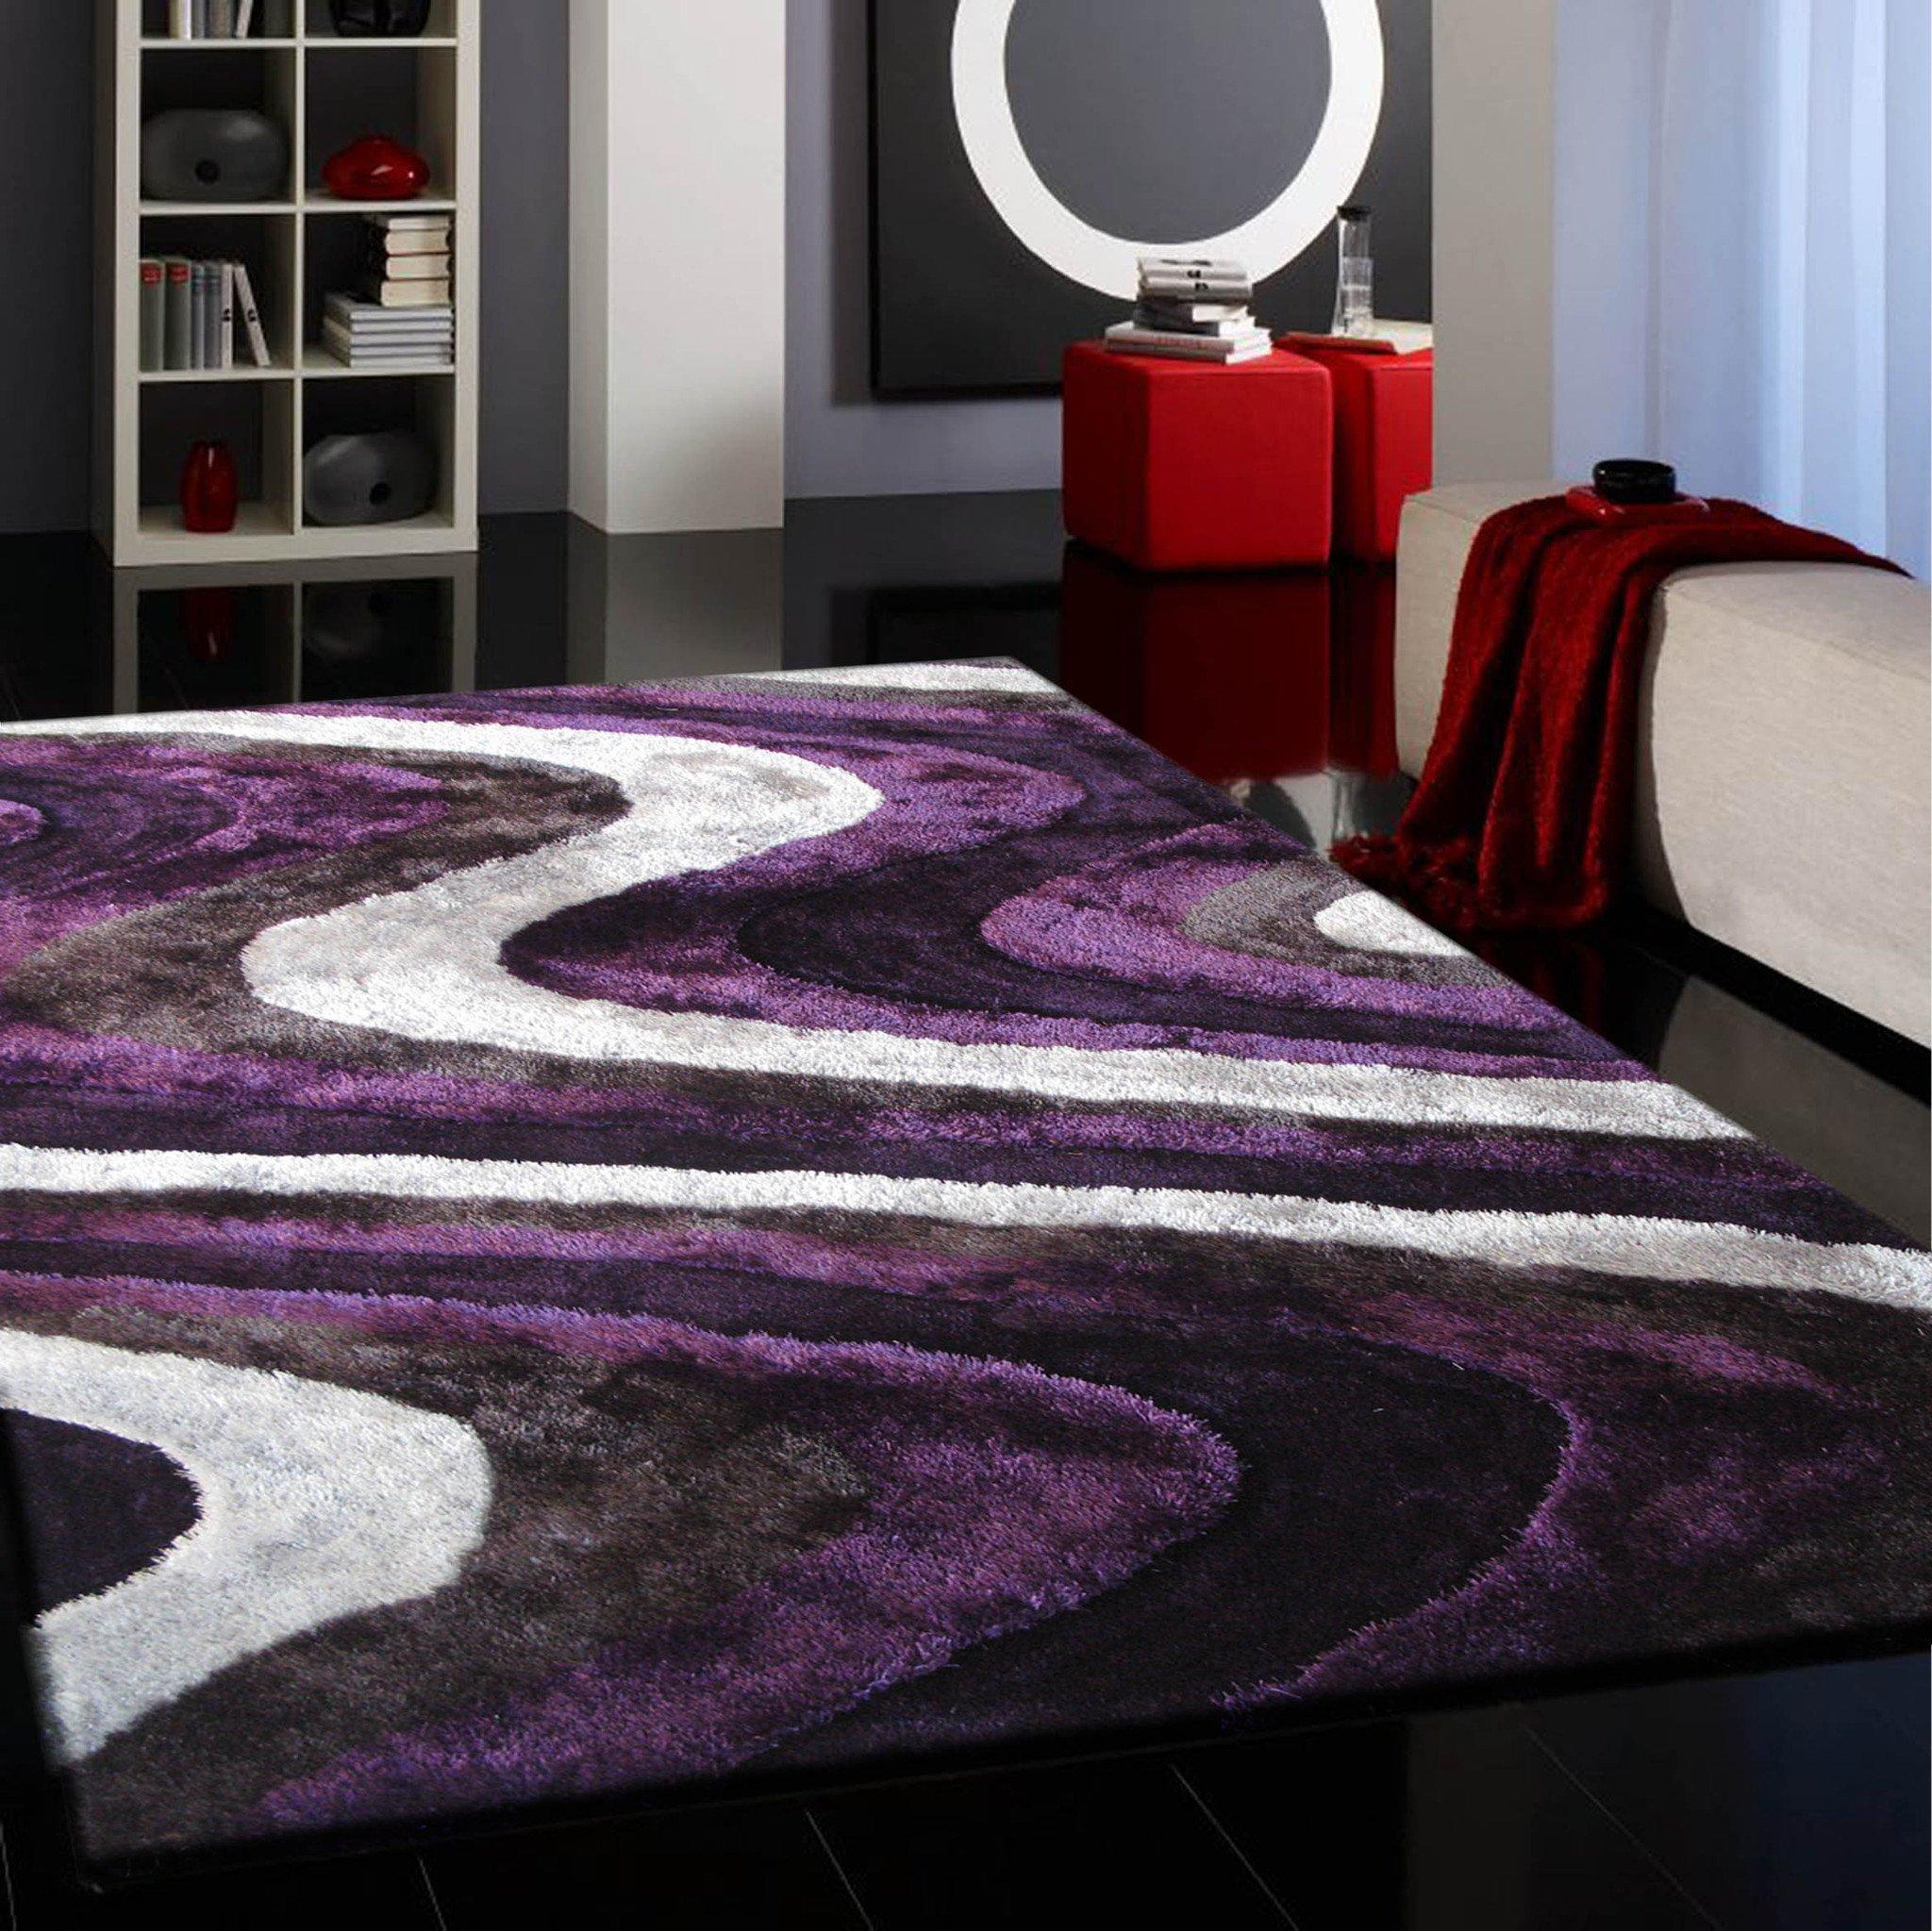 Purple area rug for enhancing spirituality